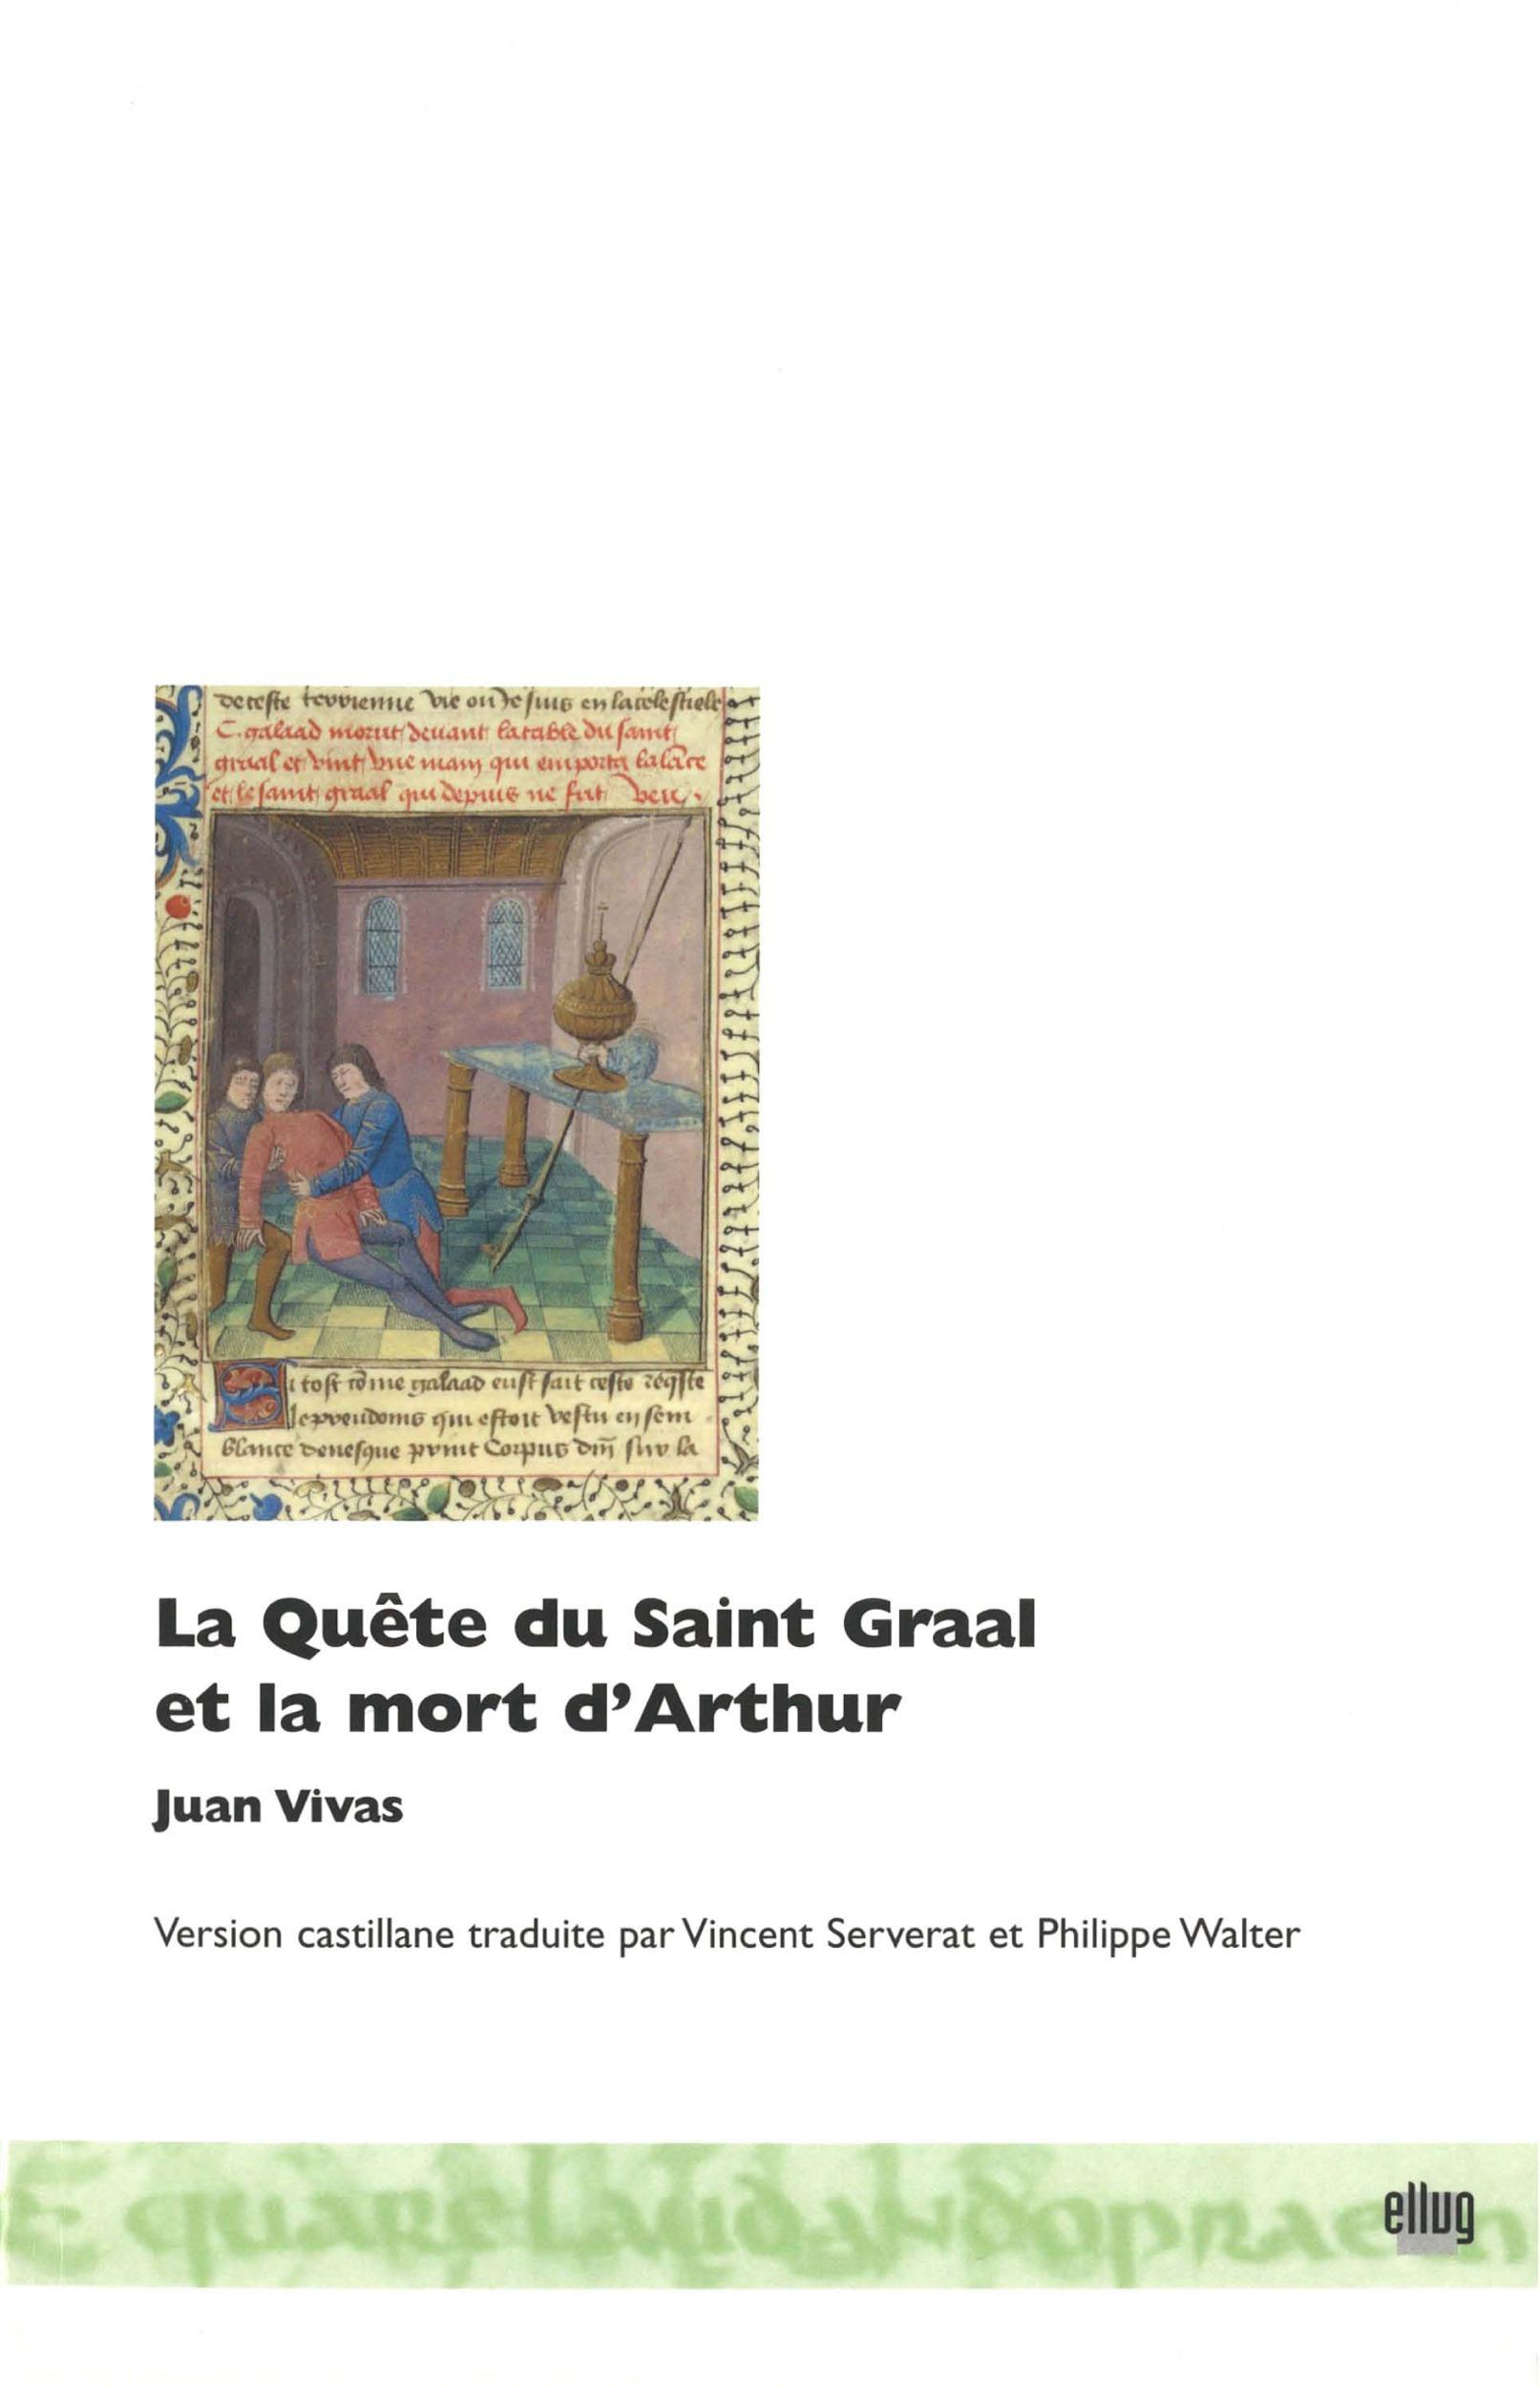 La quête du saint-graal et la mort d'arthur